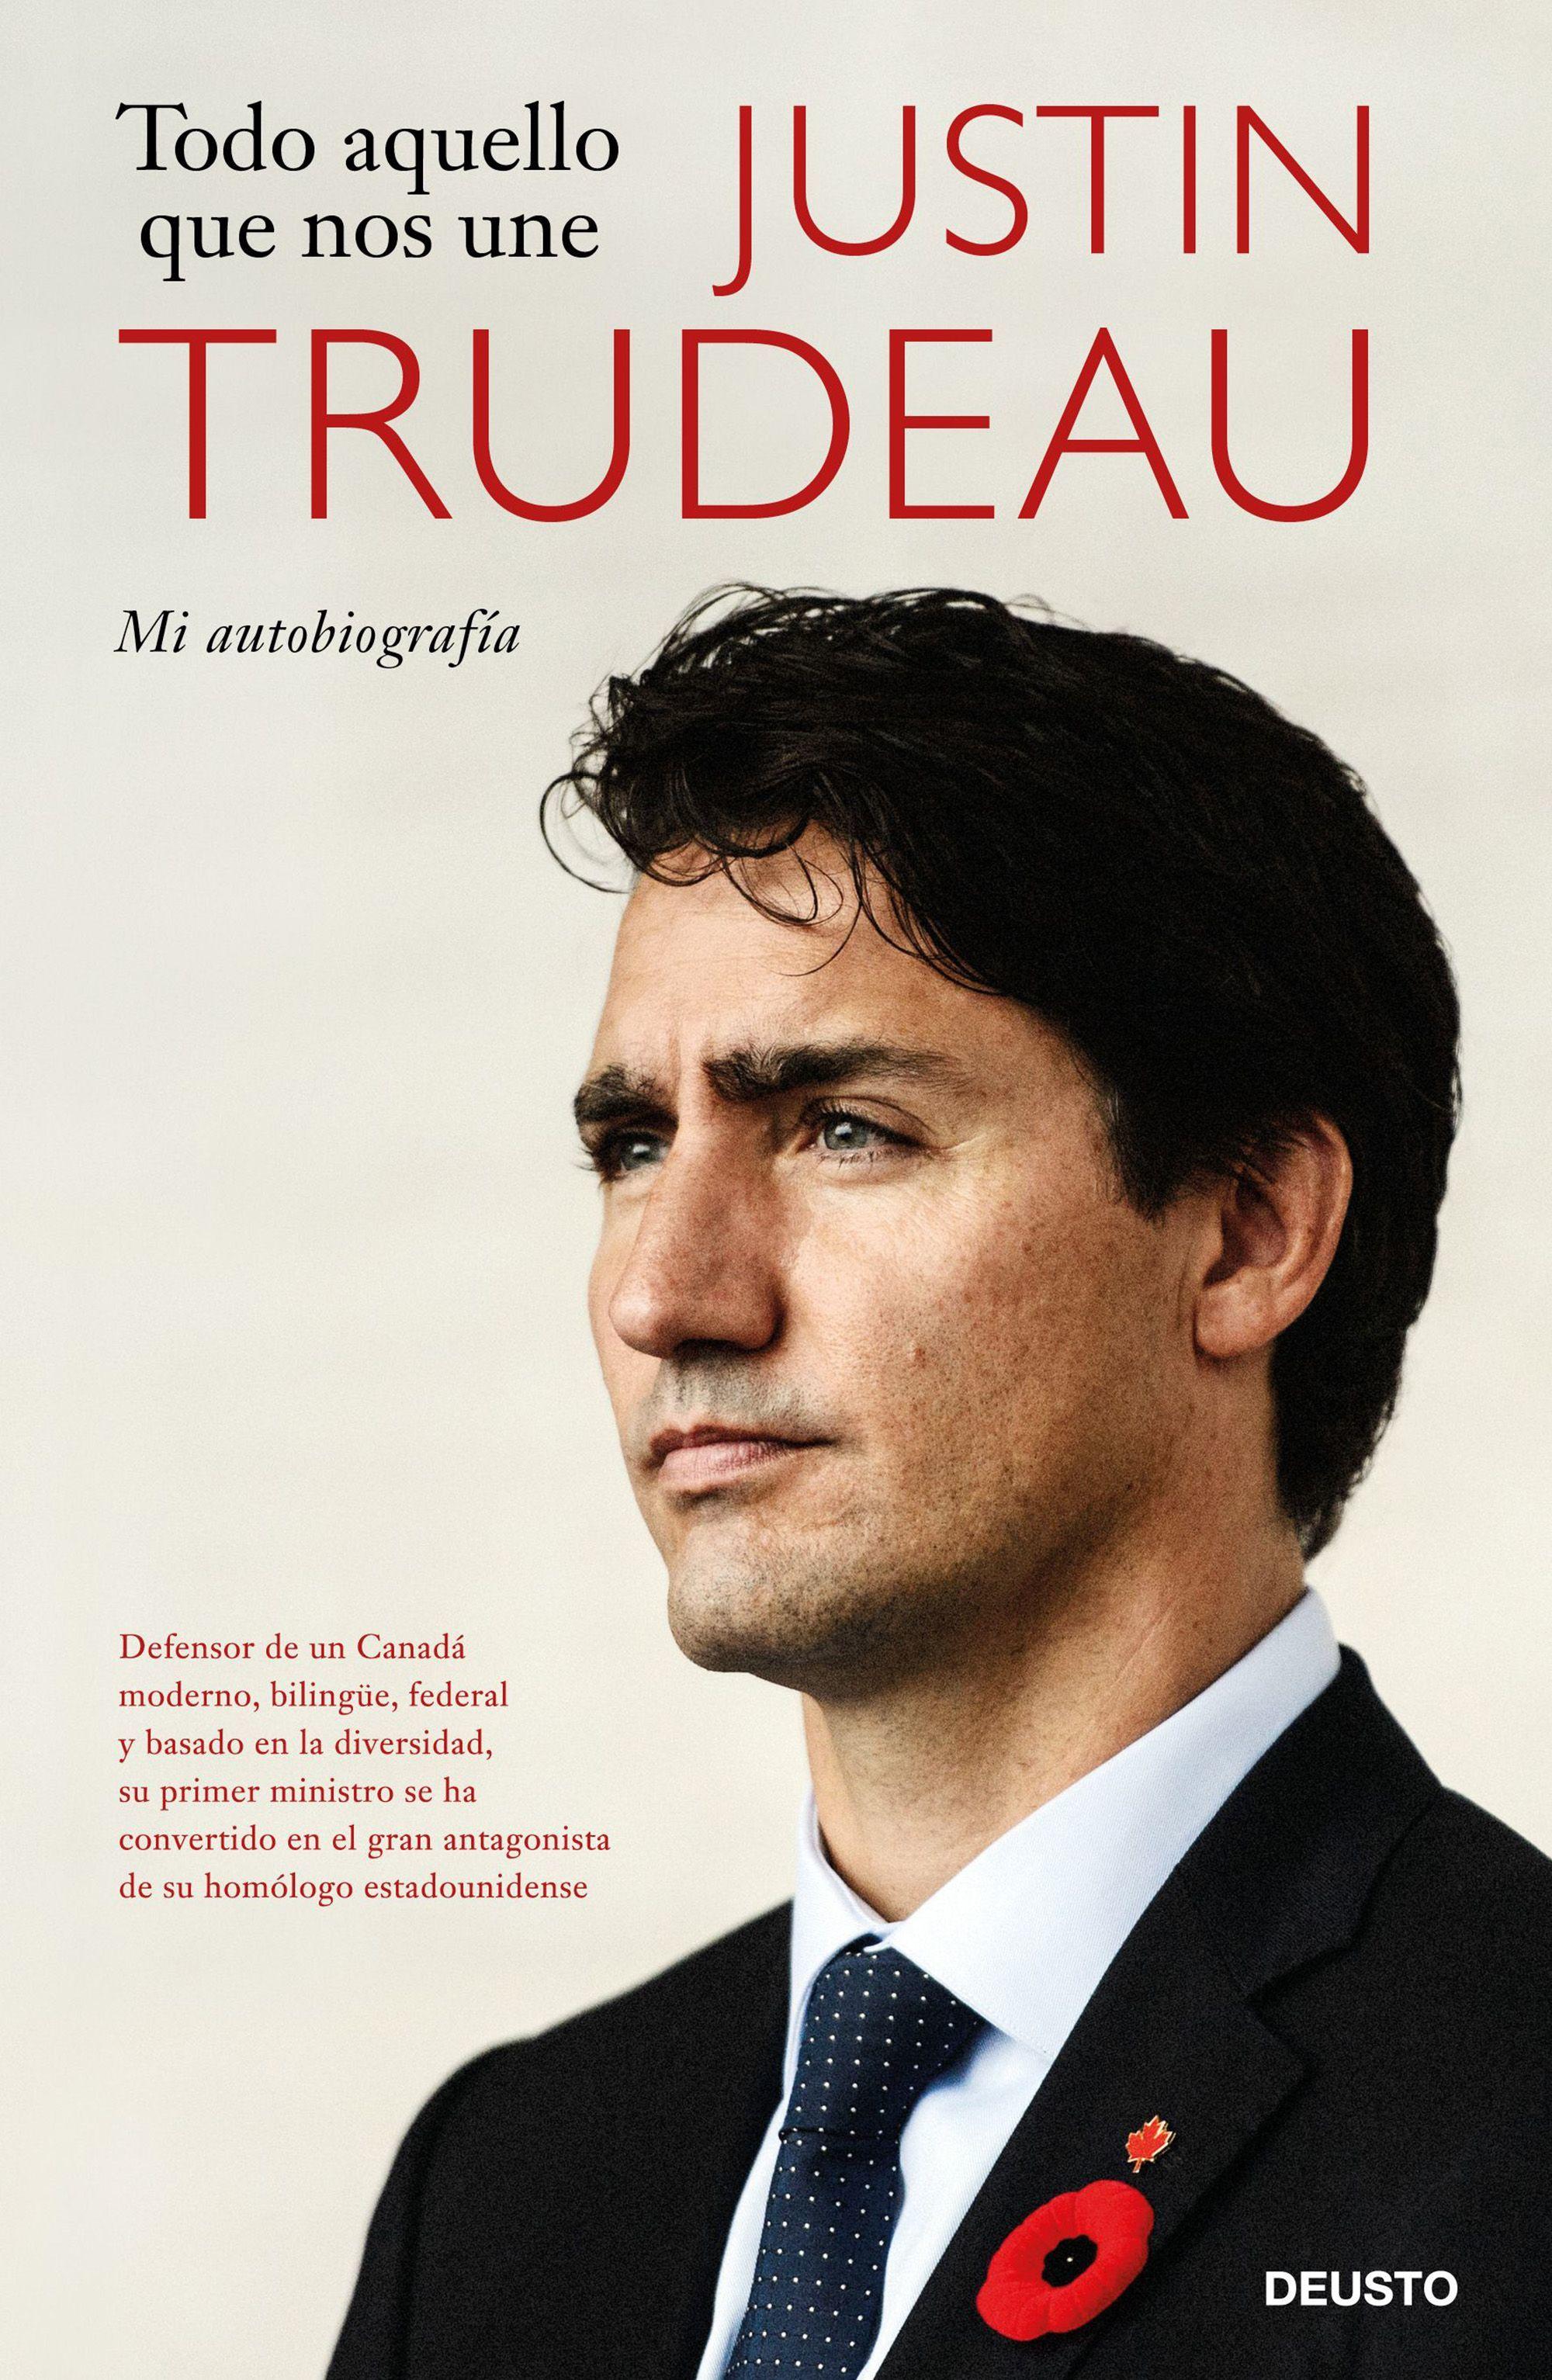 Todo aquello que nos une, de Justin Trudeau